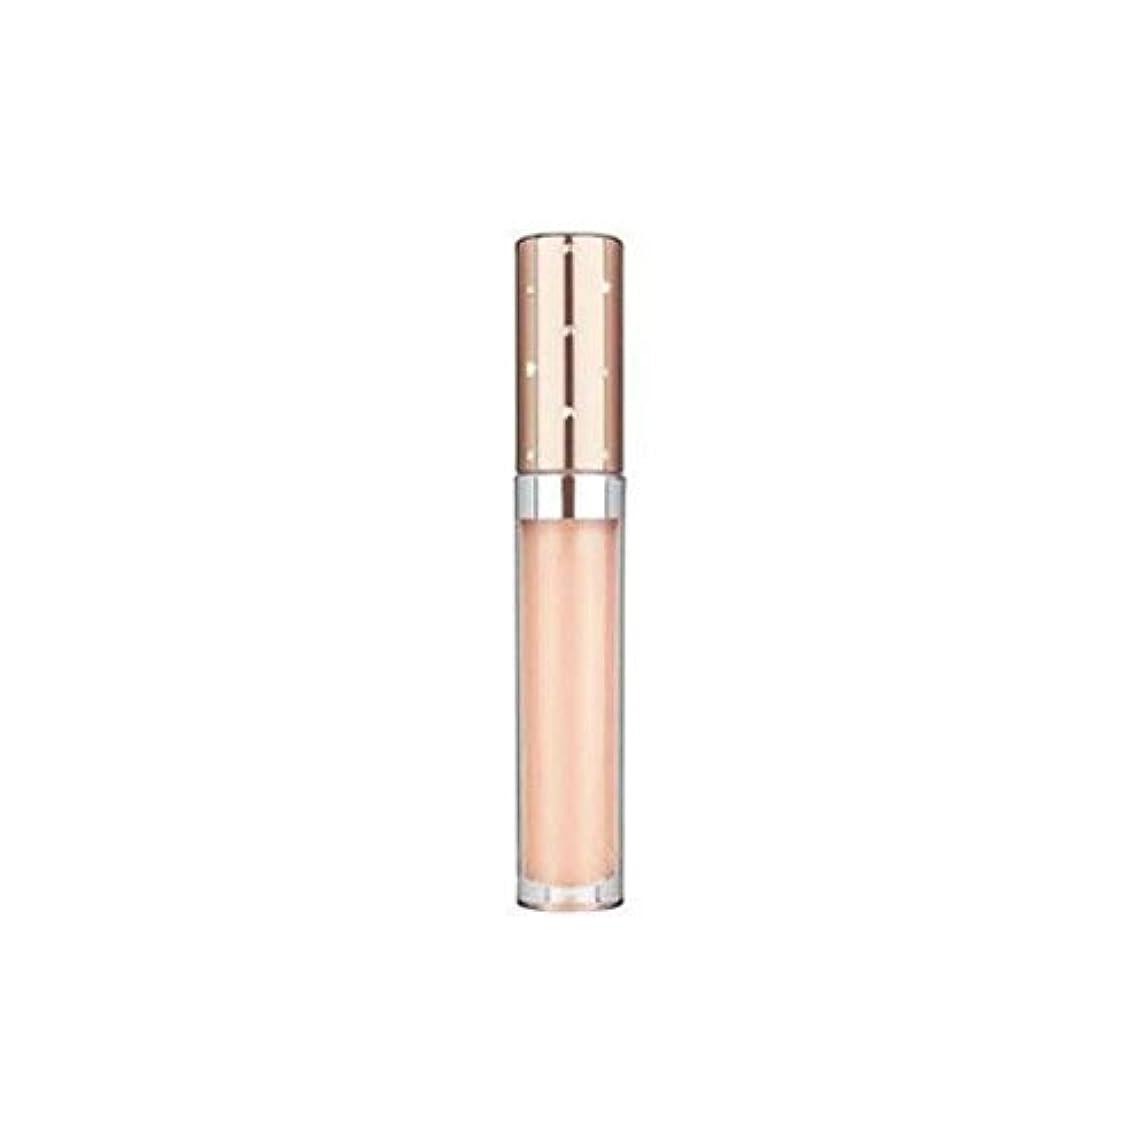 ミニスペイン国内のインスタントリップパーフェクション15(5ミリリットル) x2 - Nubo Instant Lip Perfection Spf15 (5ml) (Pack of 2) [並行輸入品]